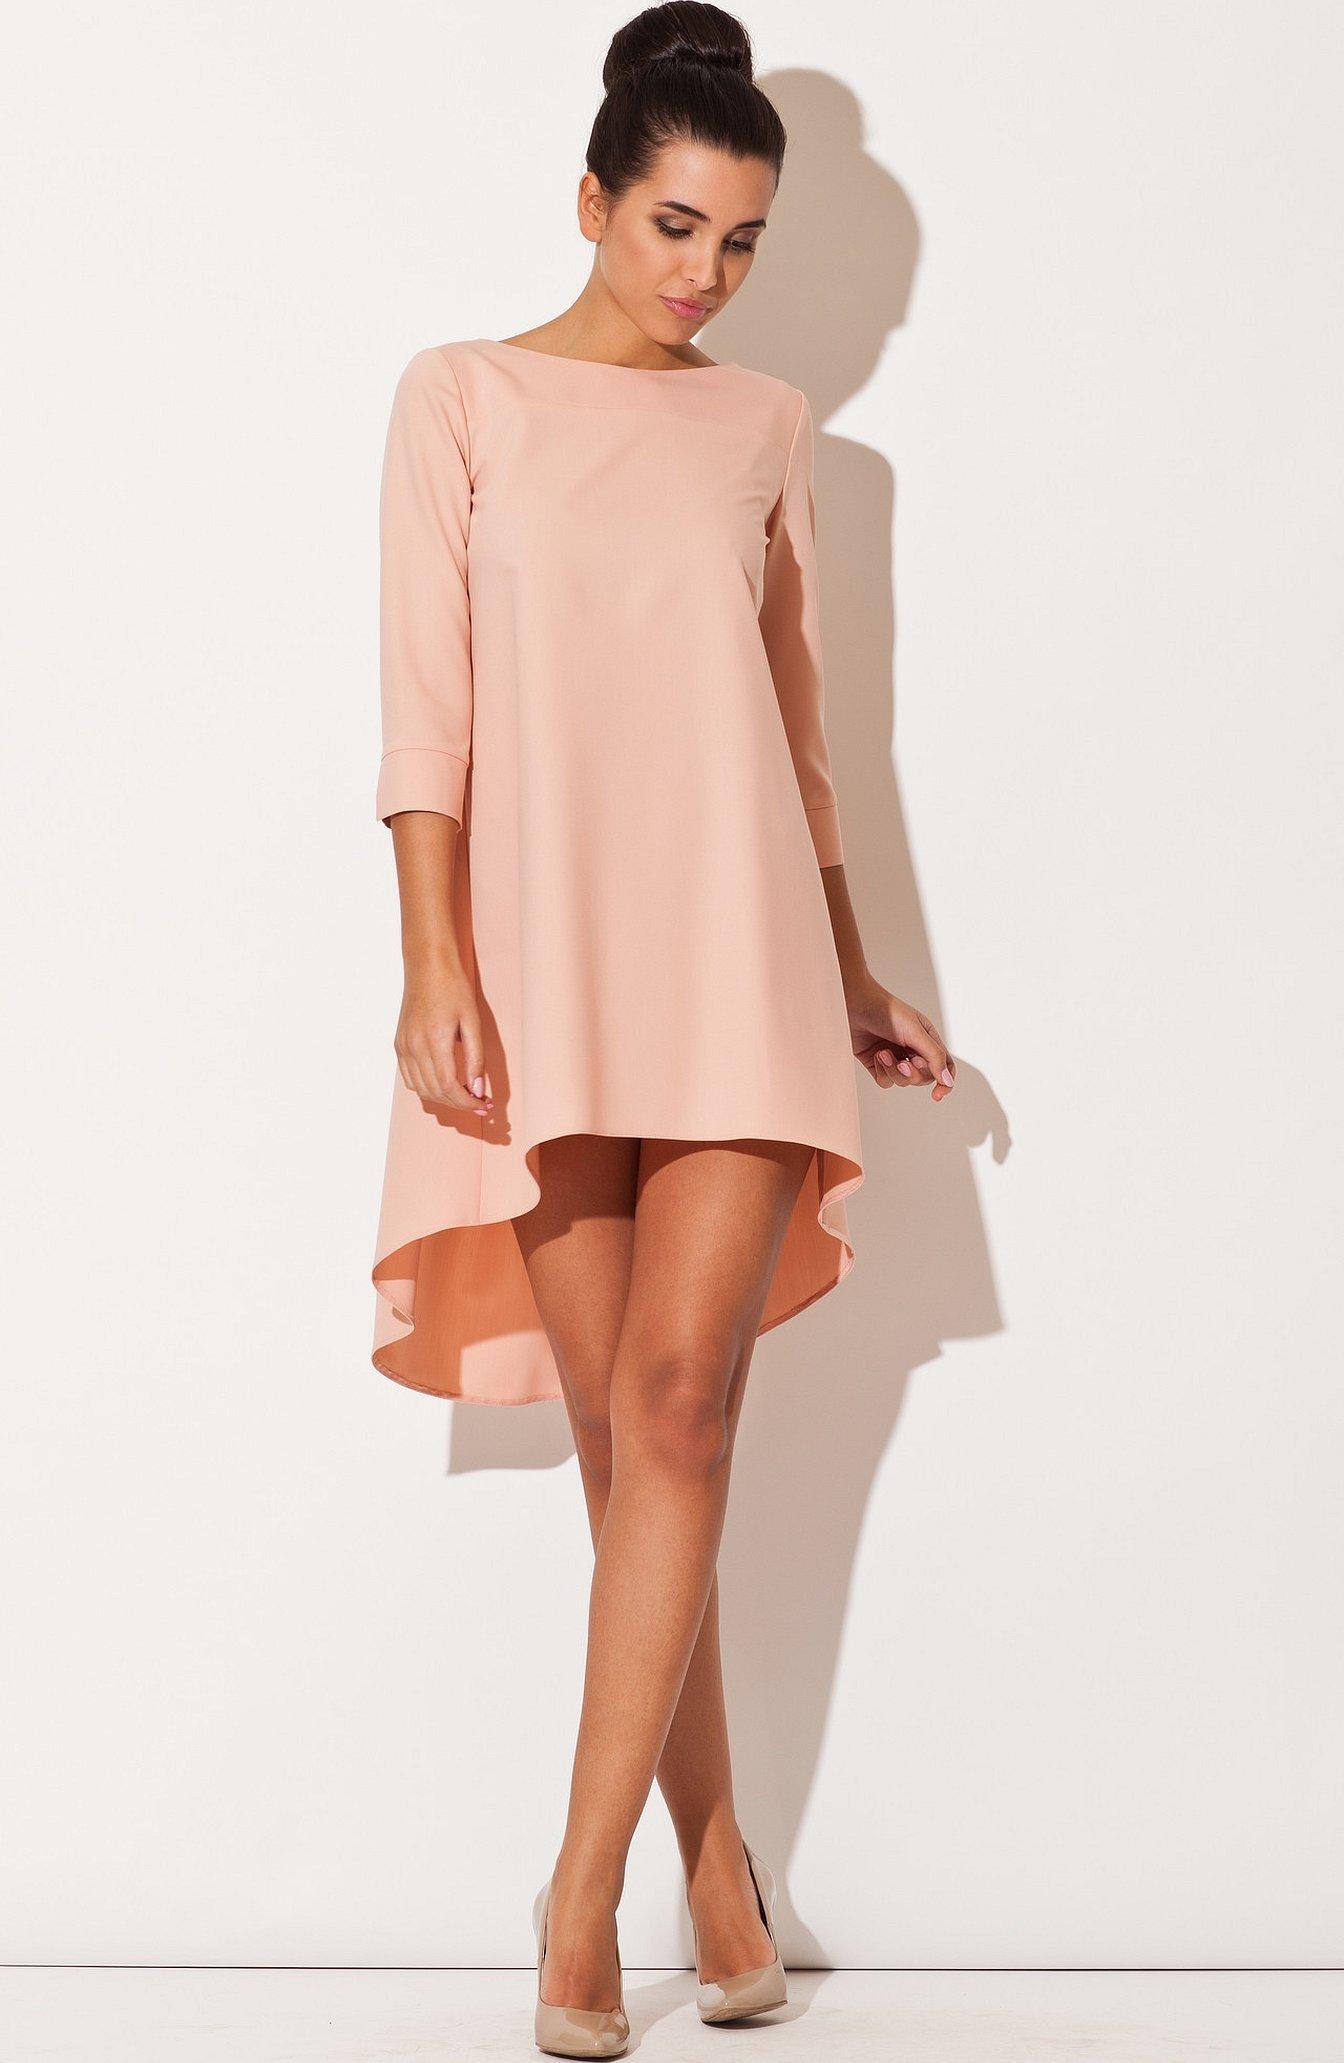 Широкие платья для молодых девушек